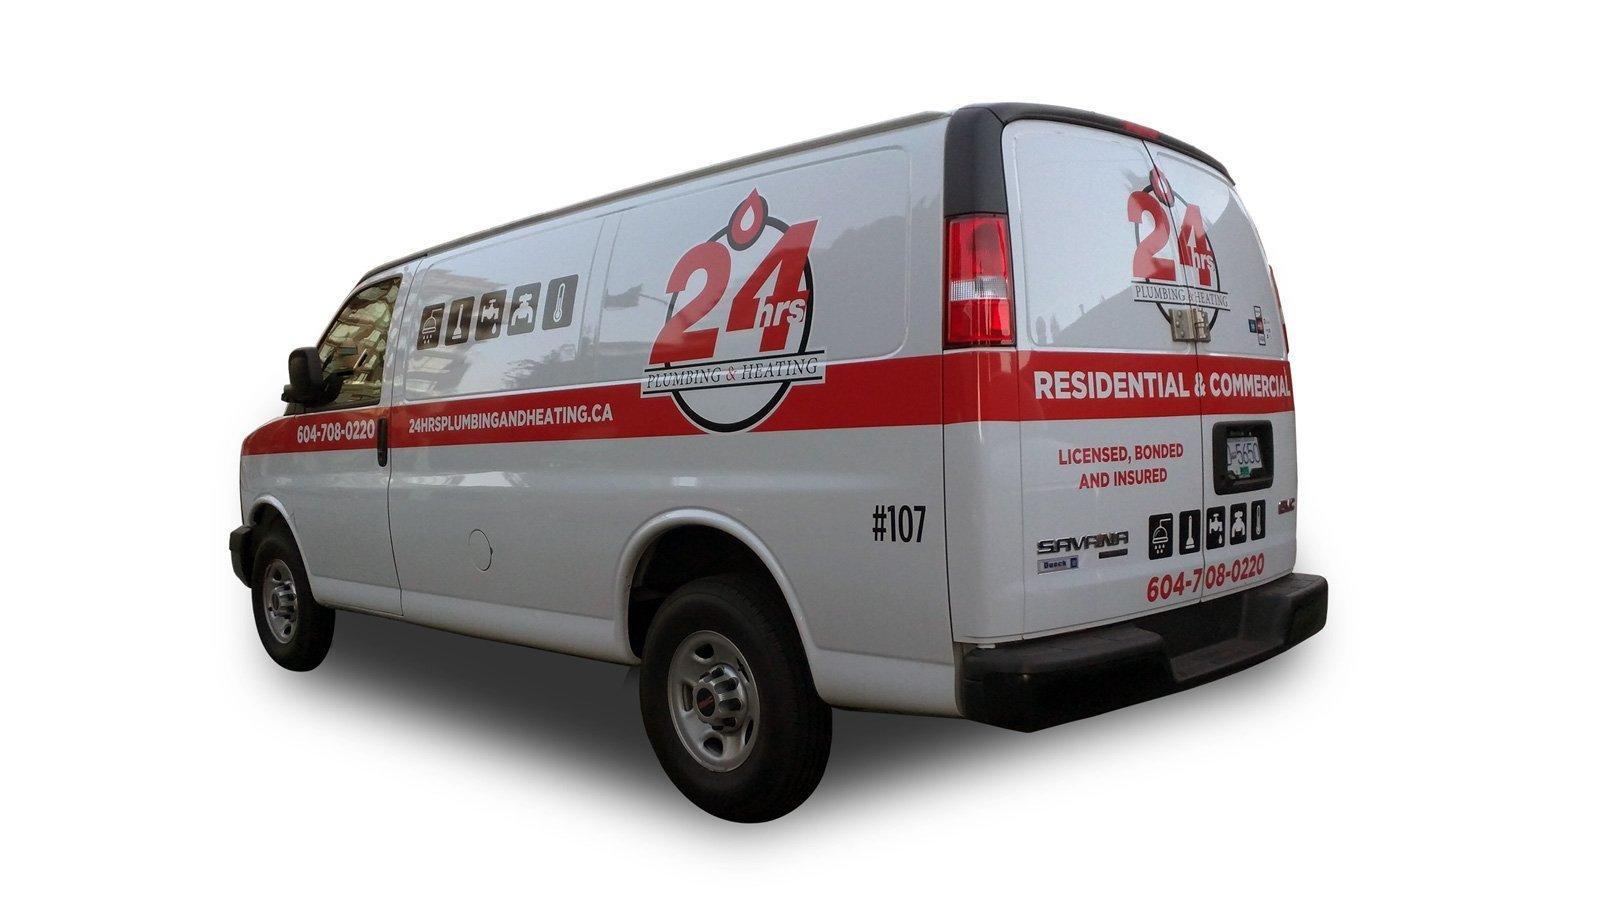 24hrs plumbing & heating van graphics